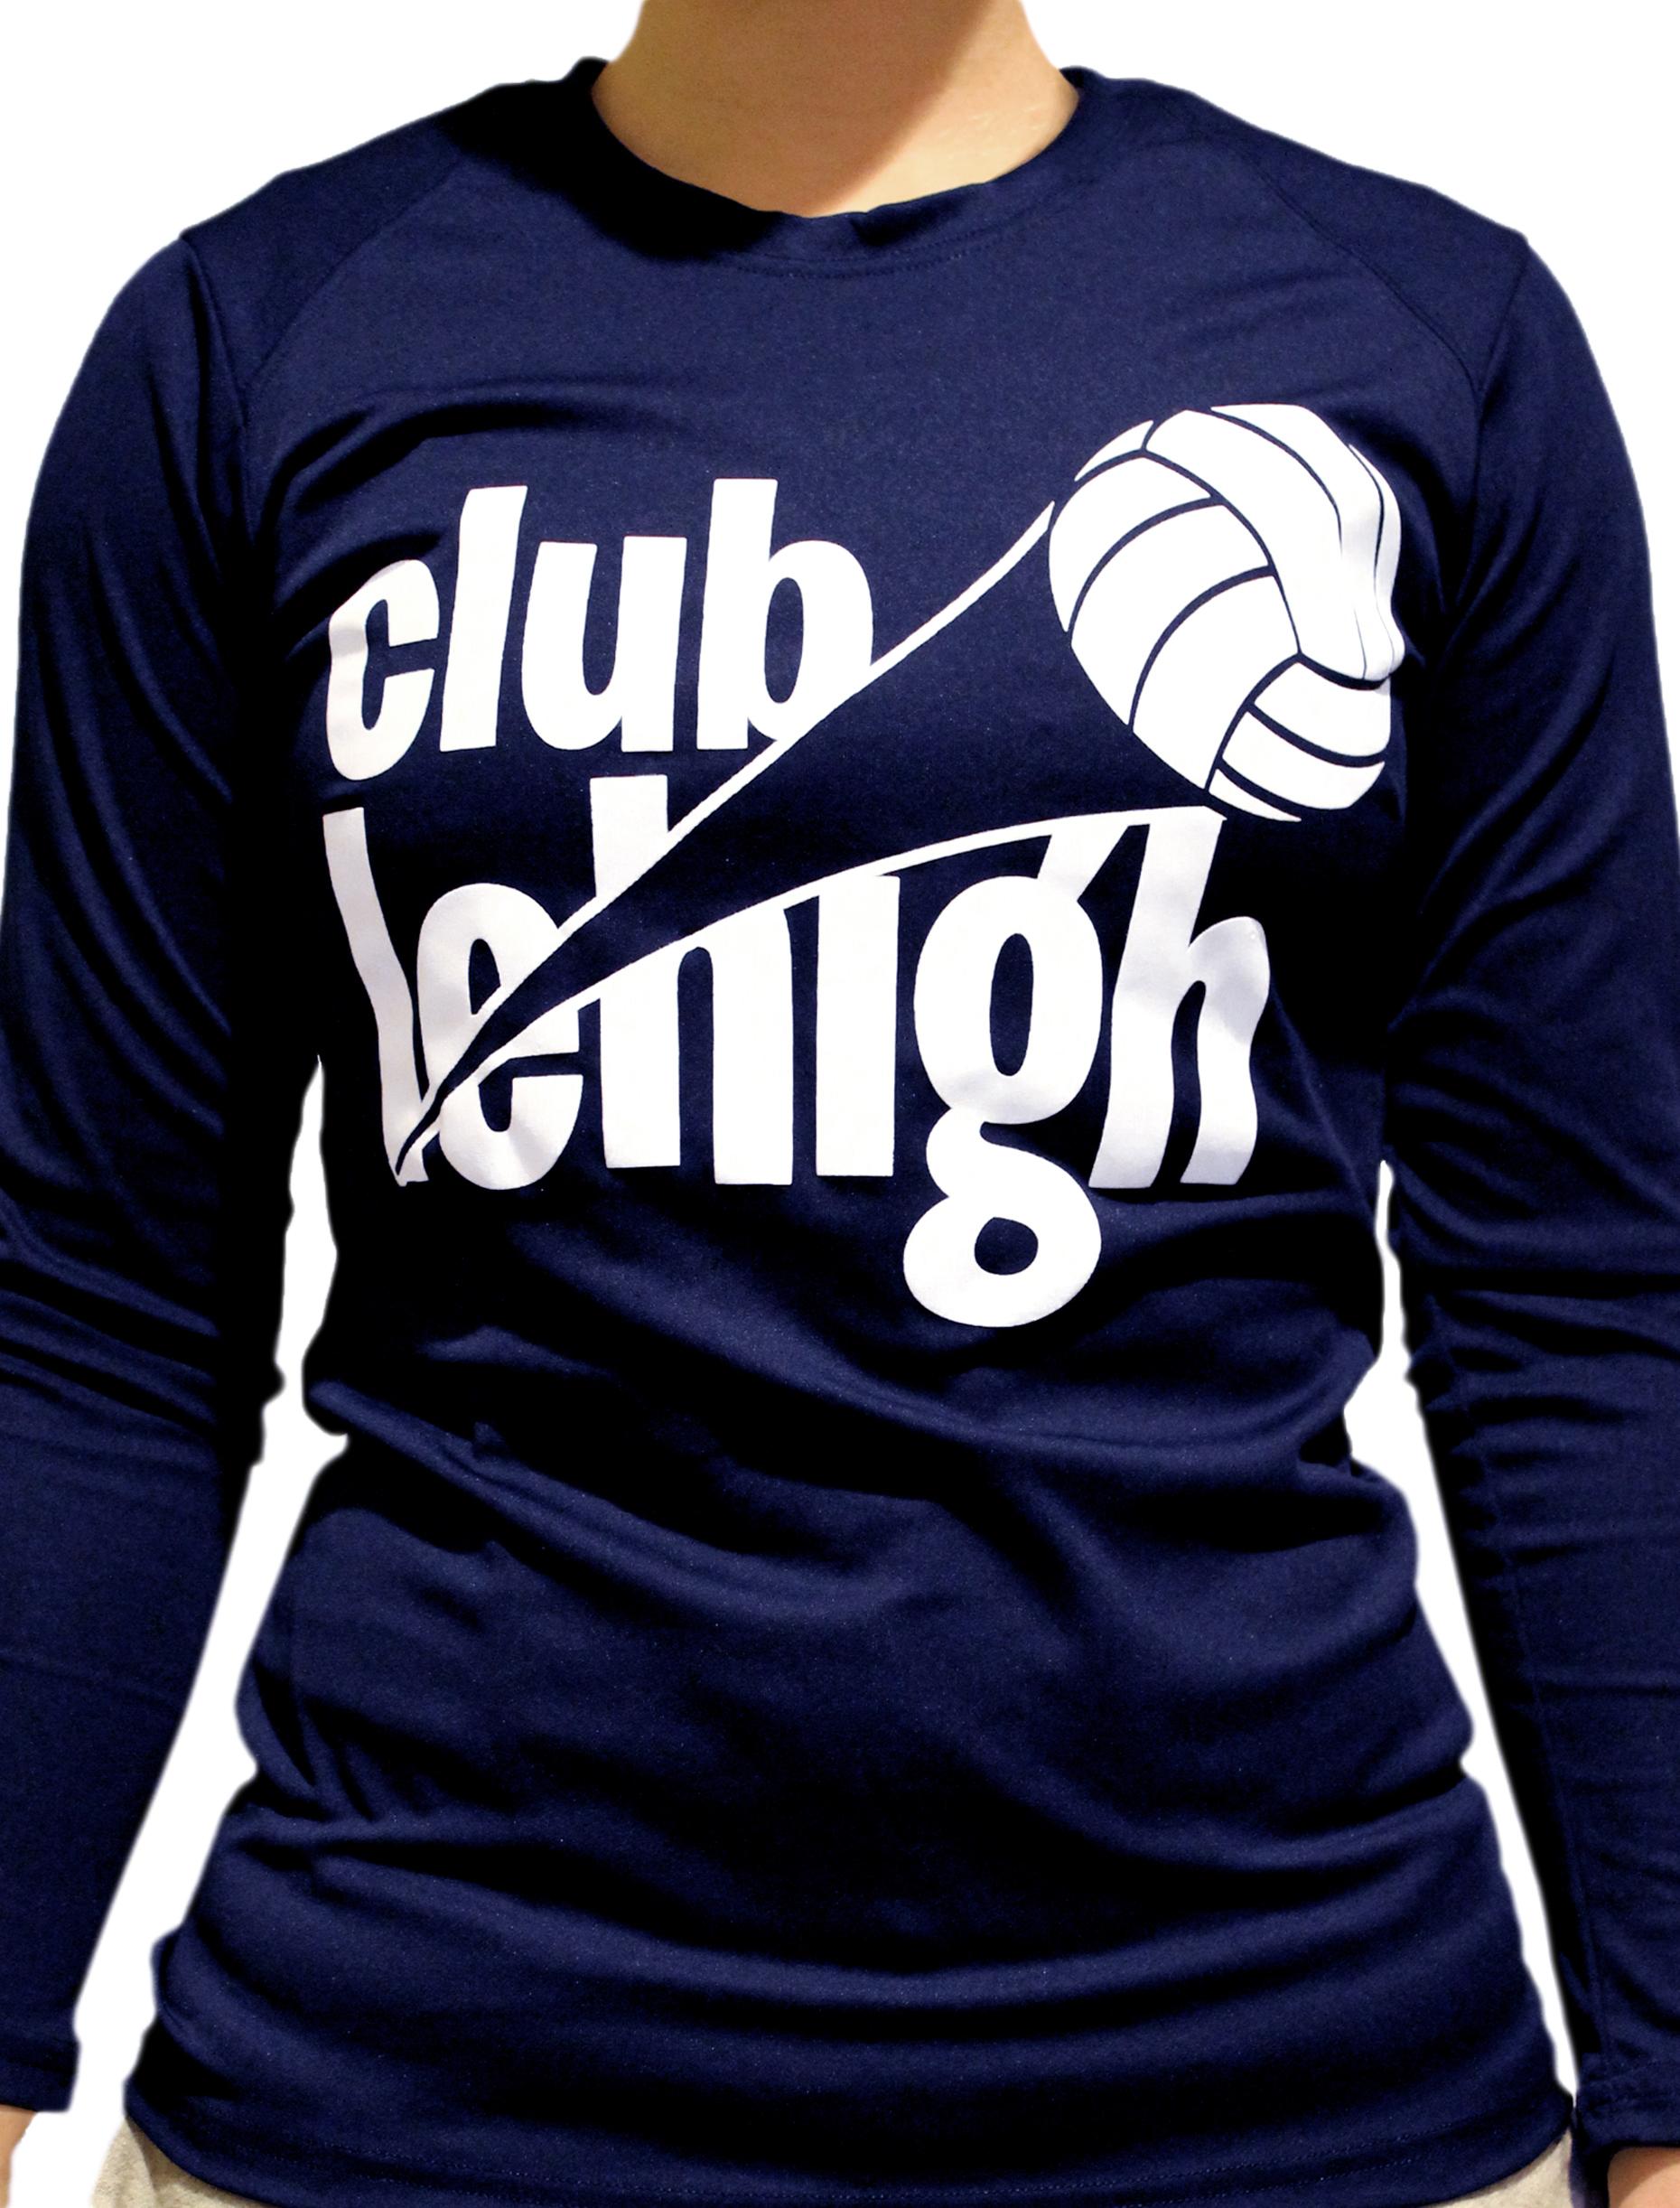 clublehigh_apparel3.jpg